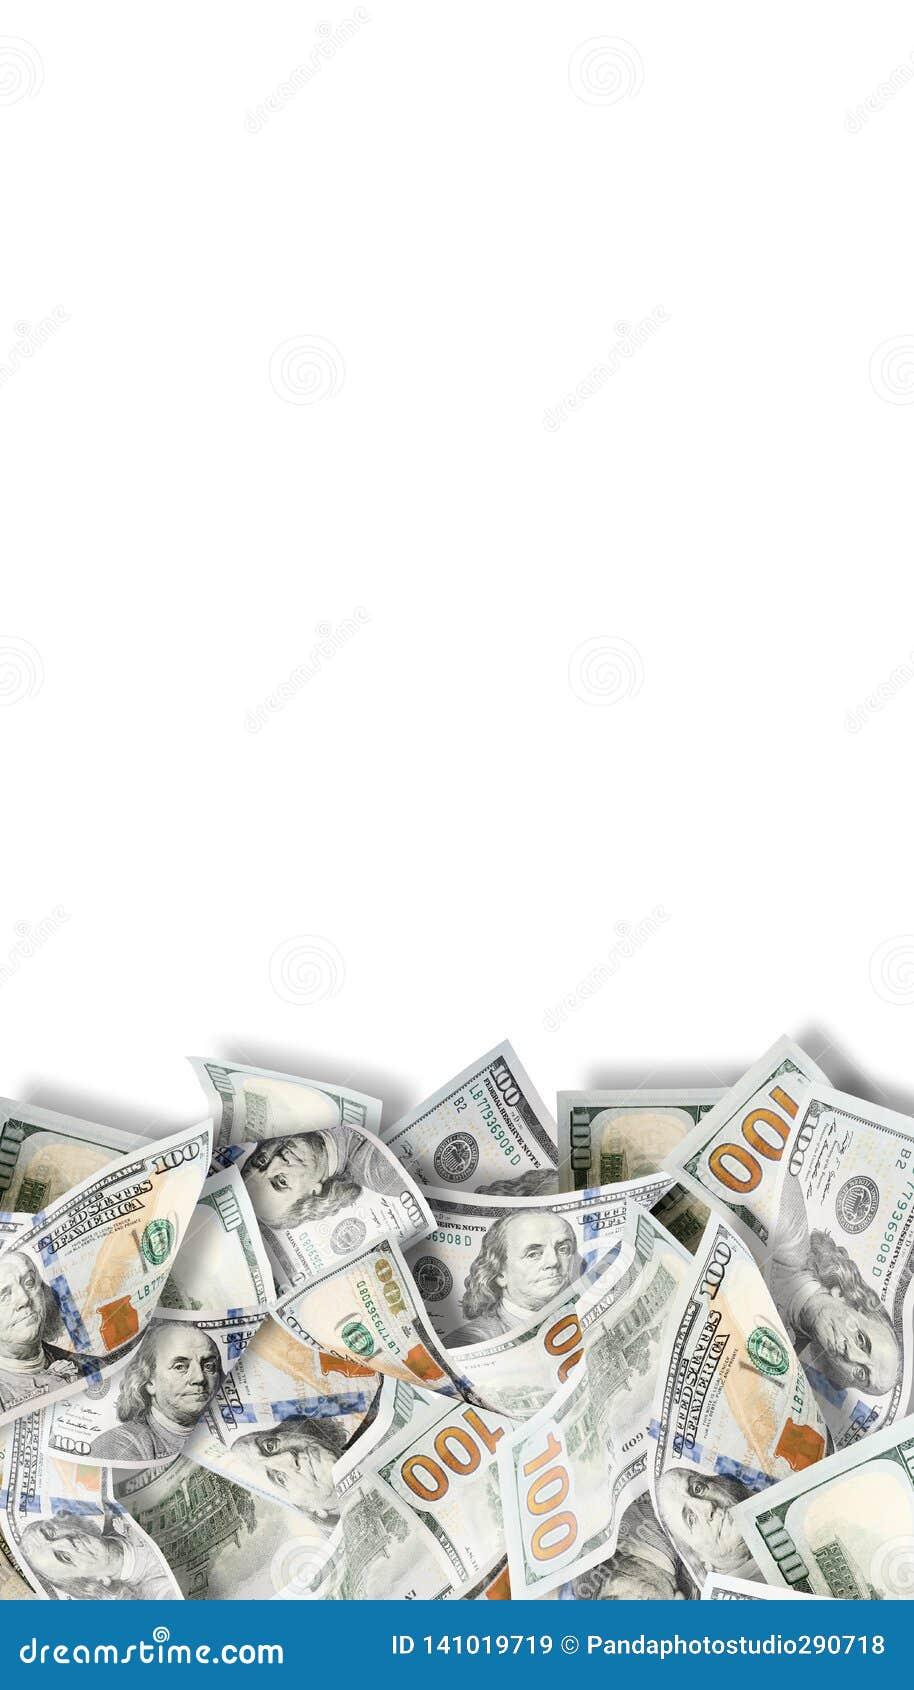 背景美元拍卖费 高度美国金钱的详细的图片